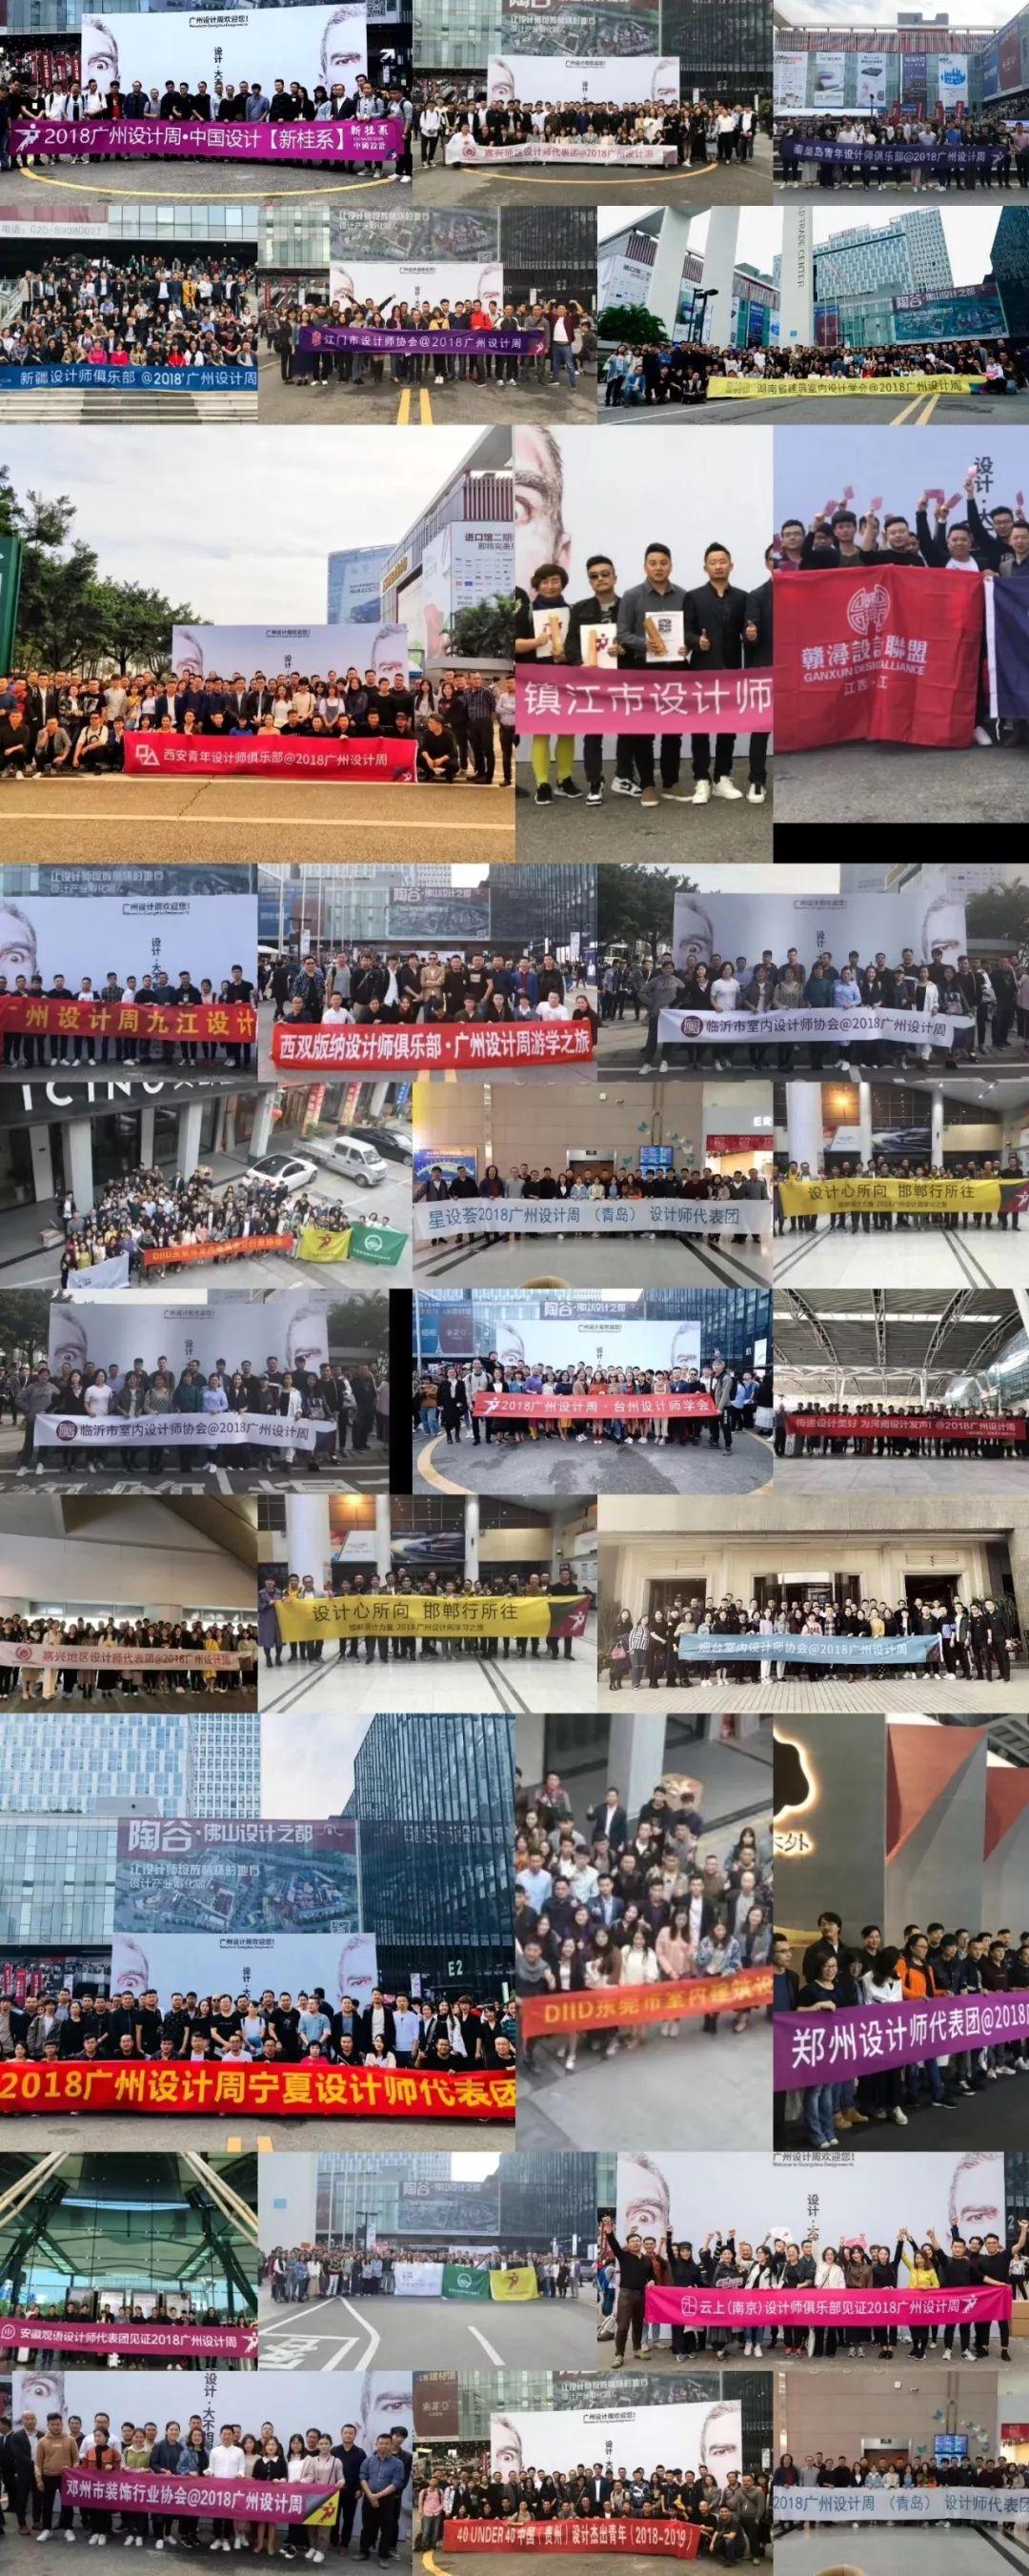 因为精彩,所以人山人海!2018广州设计周感恩有你!